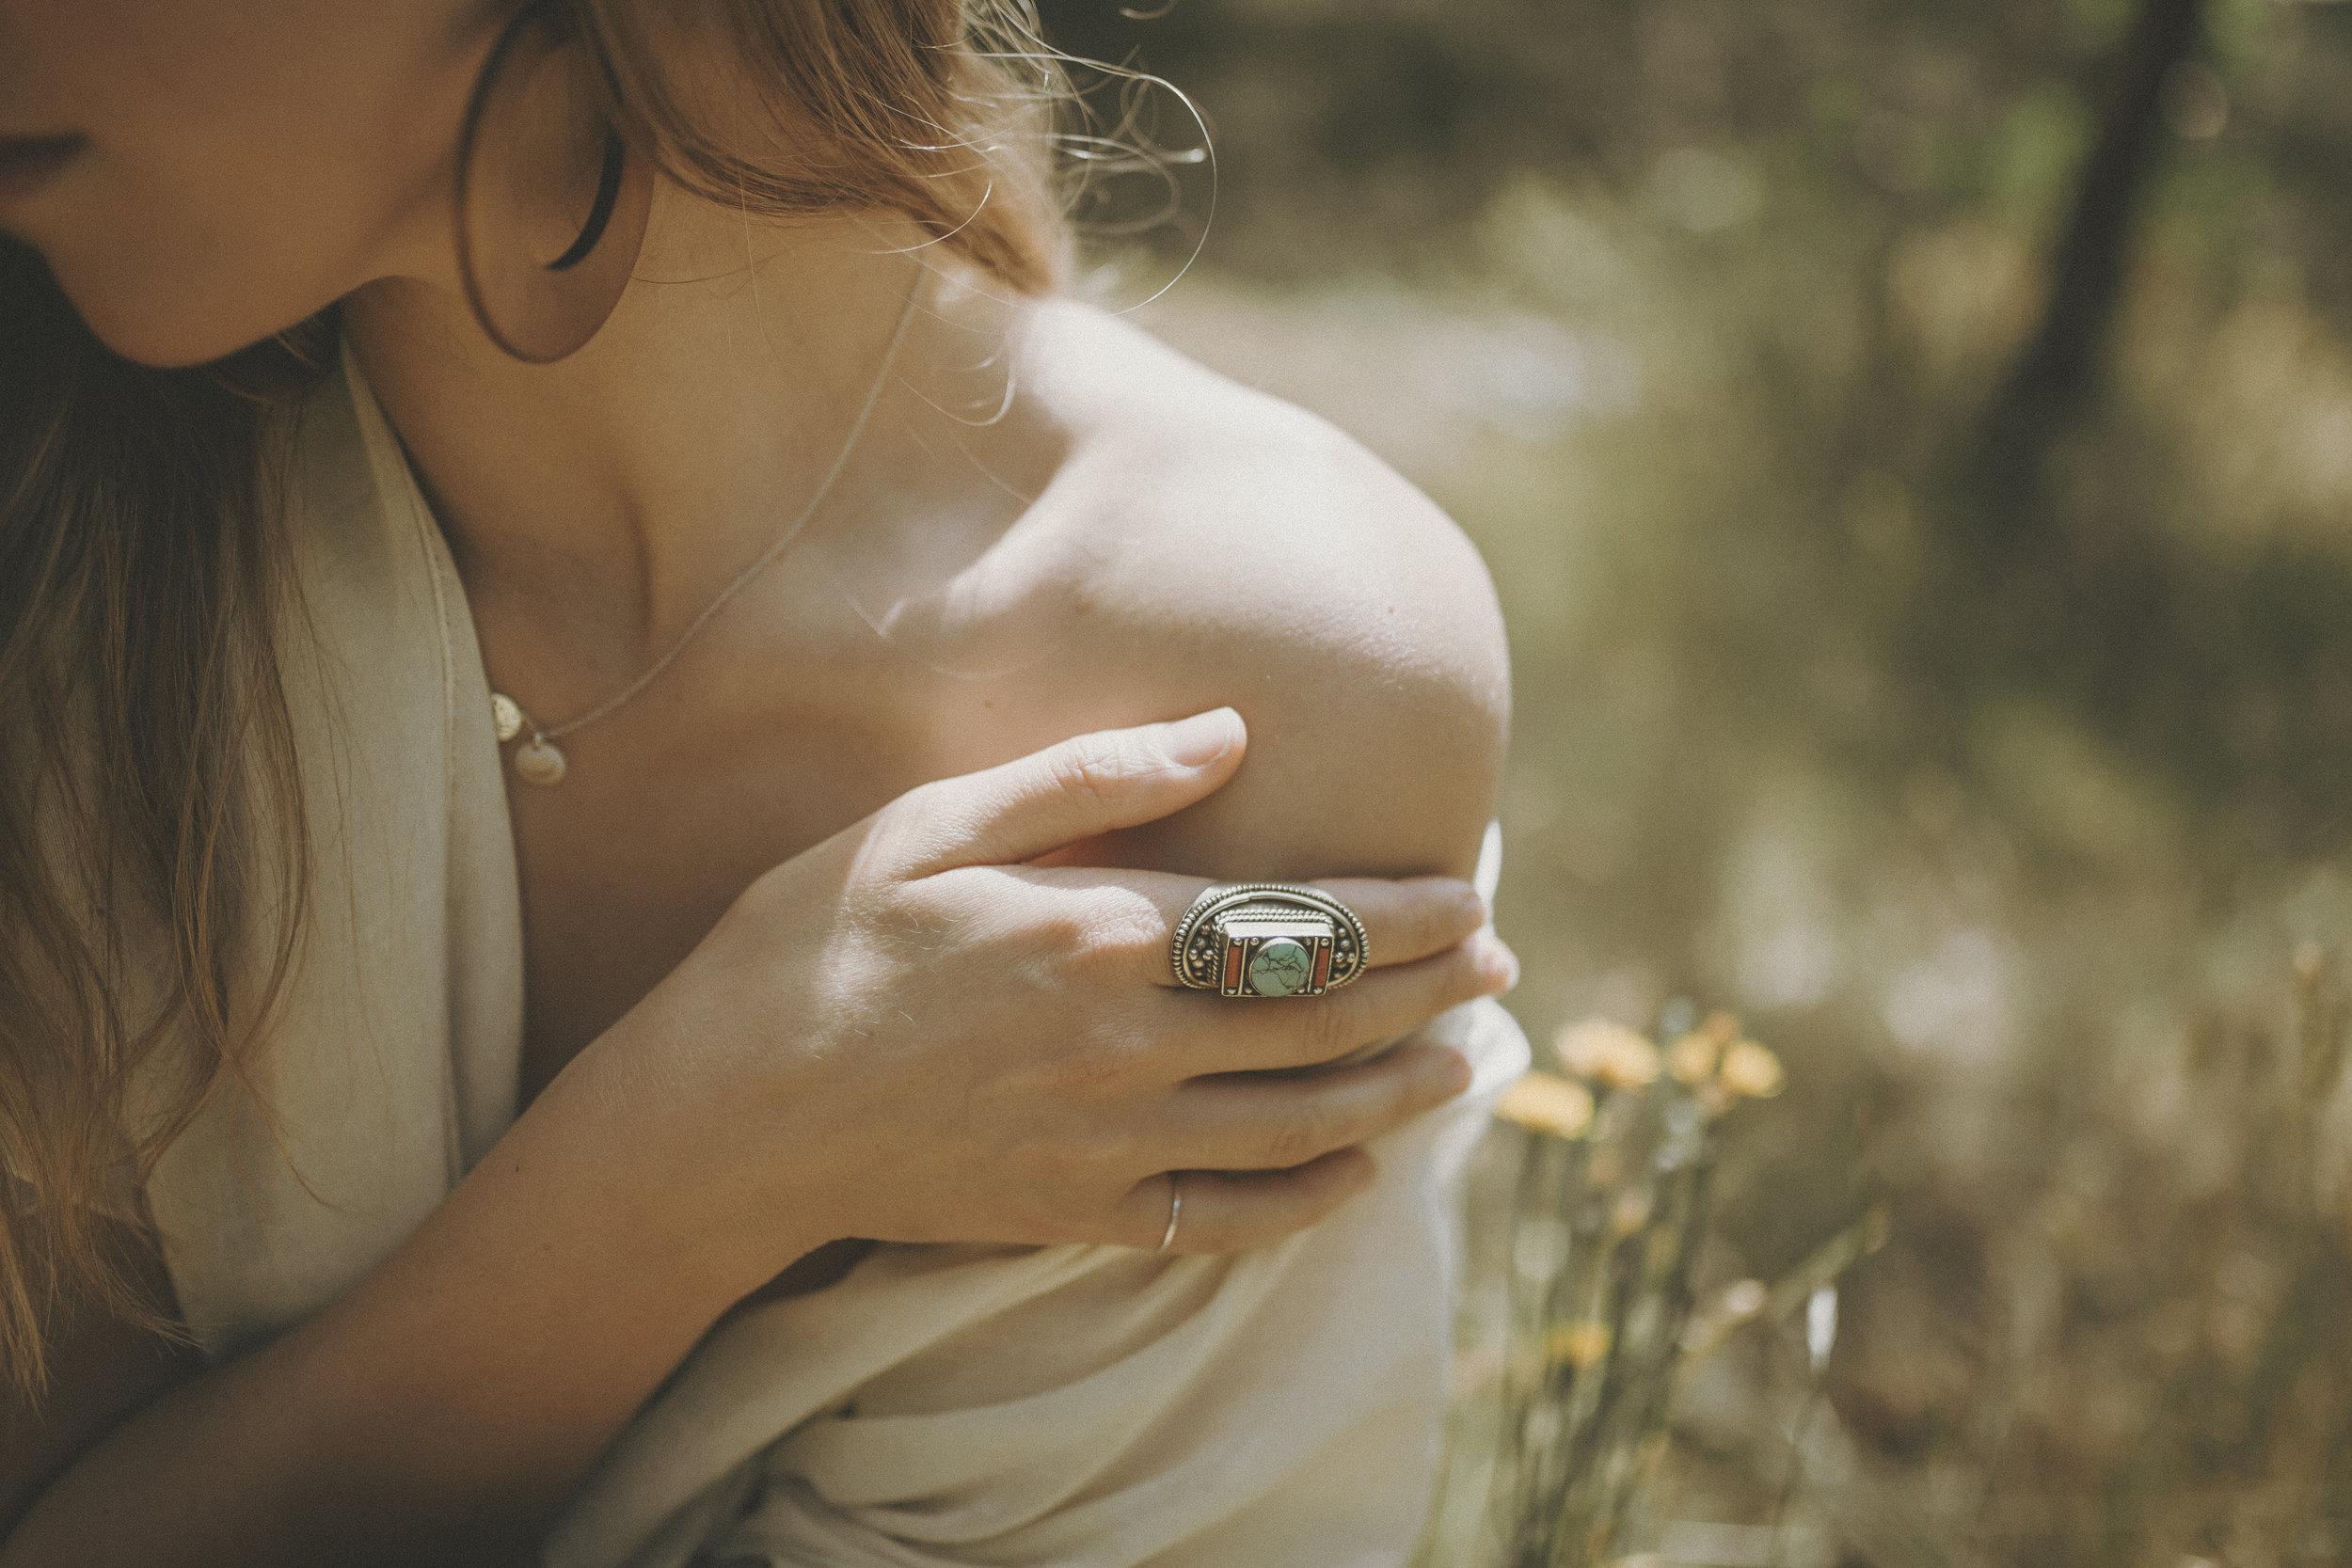 healinghands-125.jpg